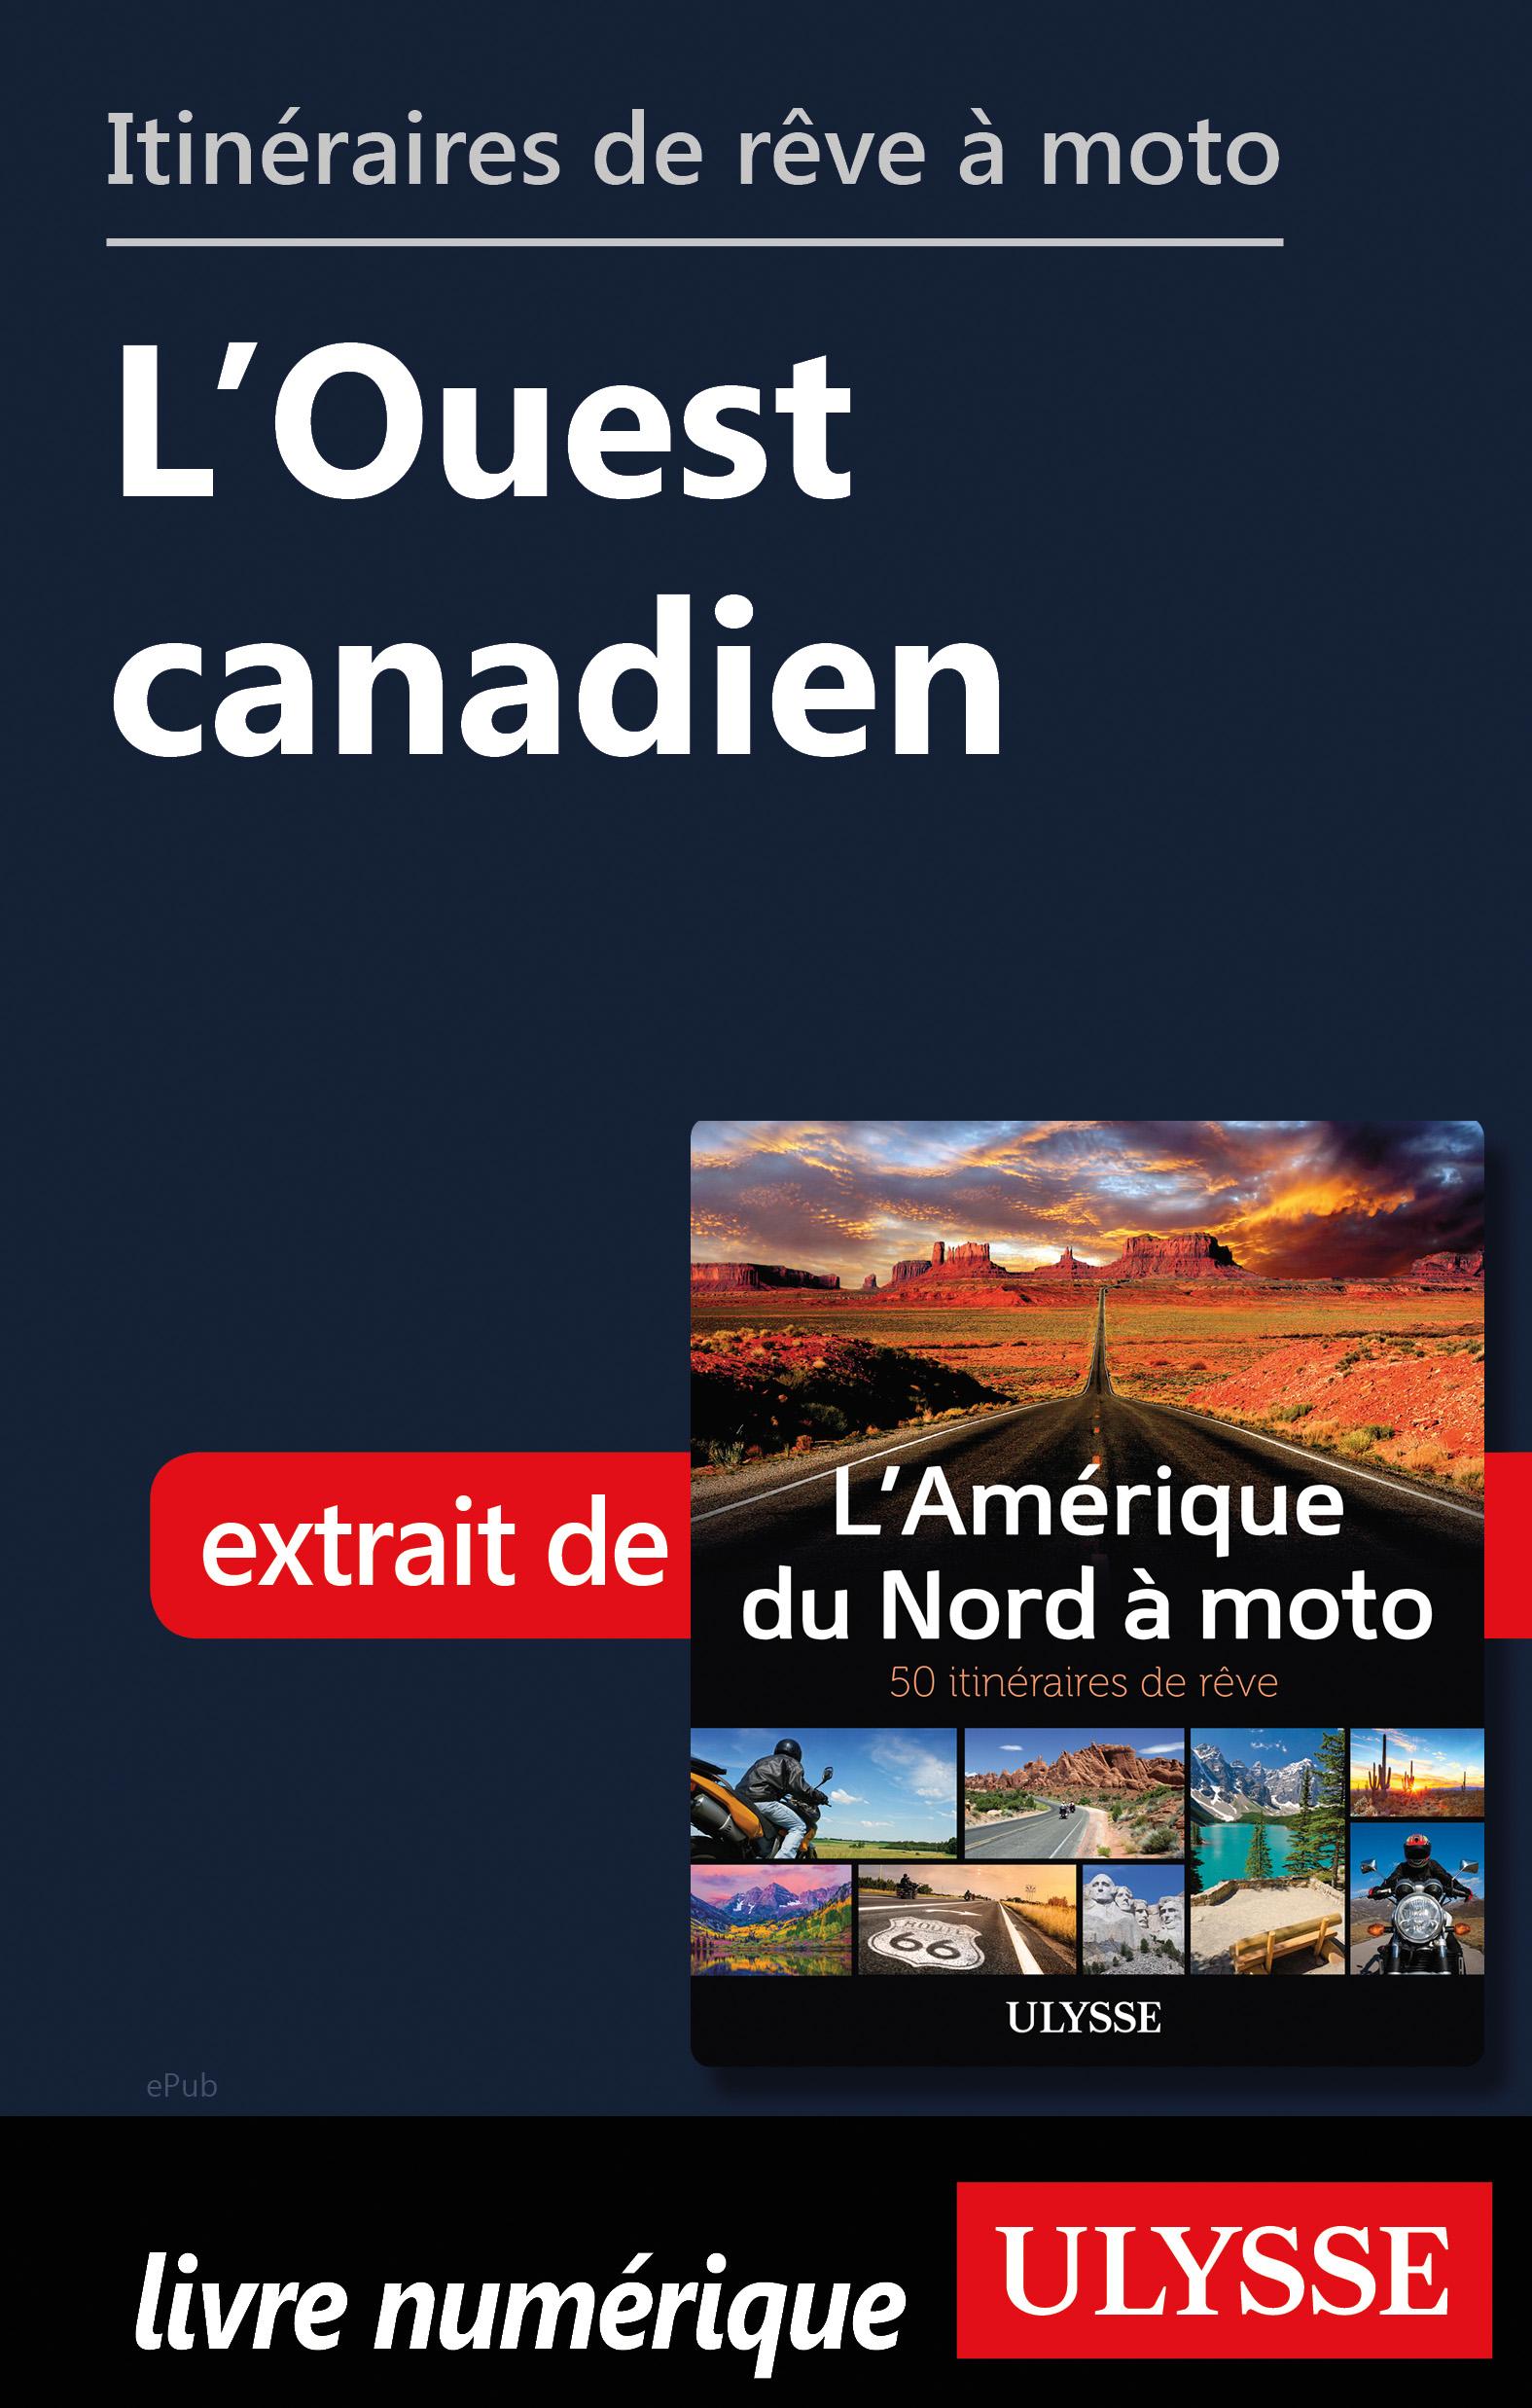 Itinéraires de rêve à moto - L'Ouest canadien